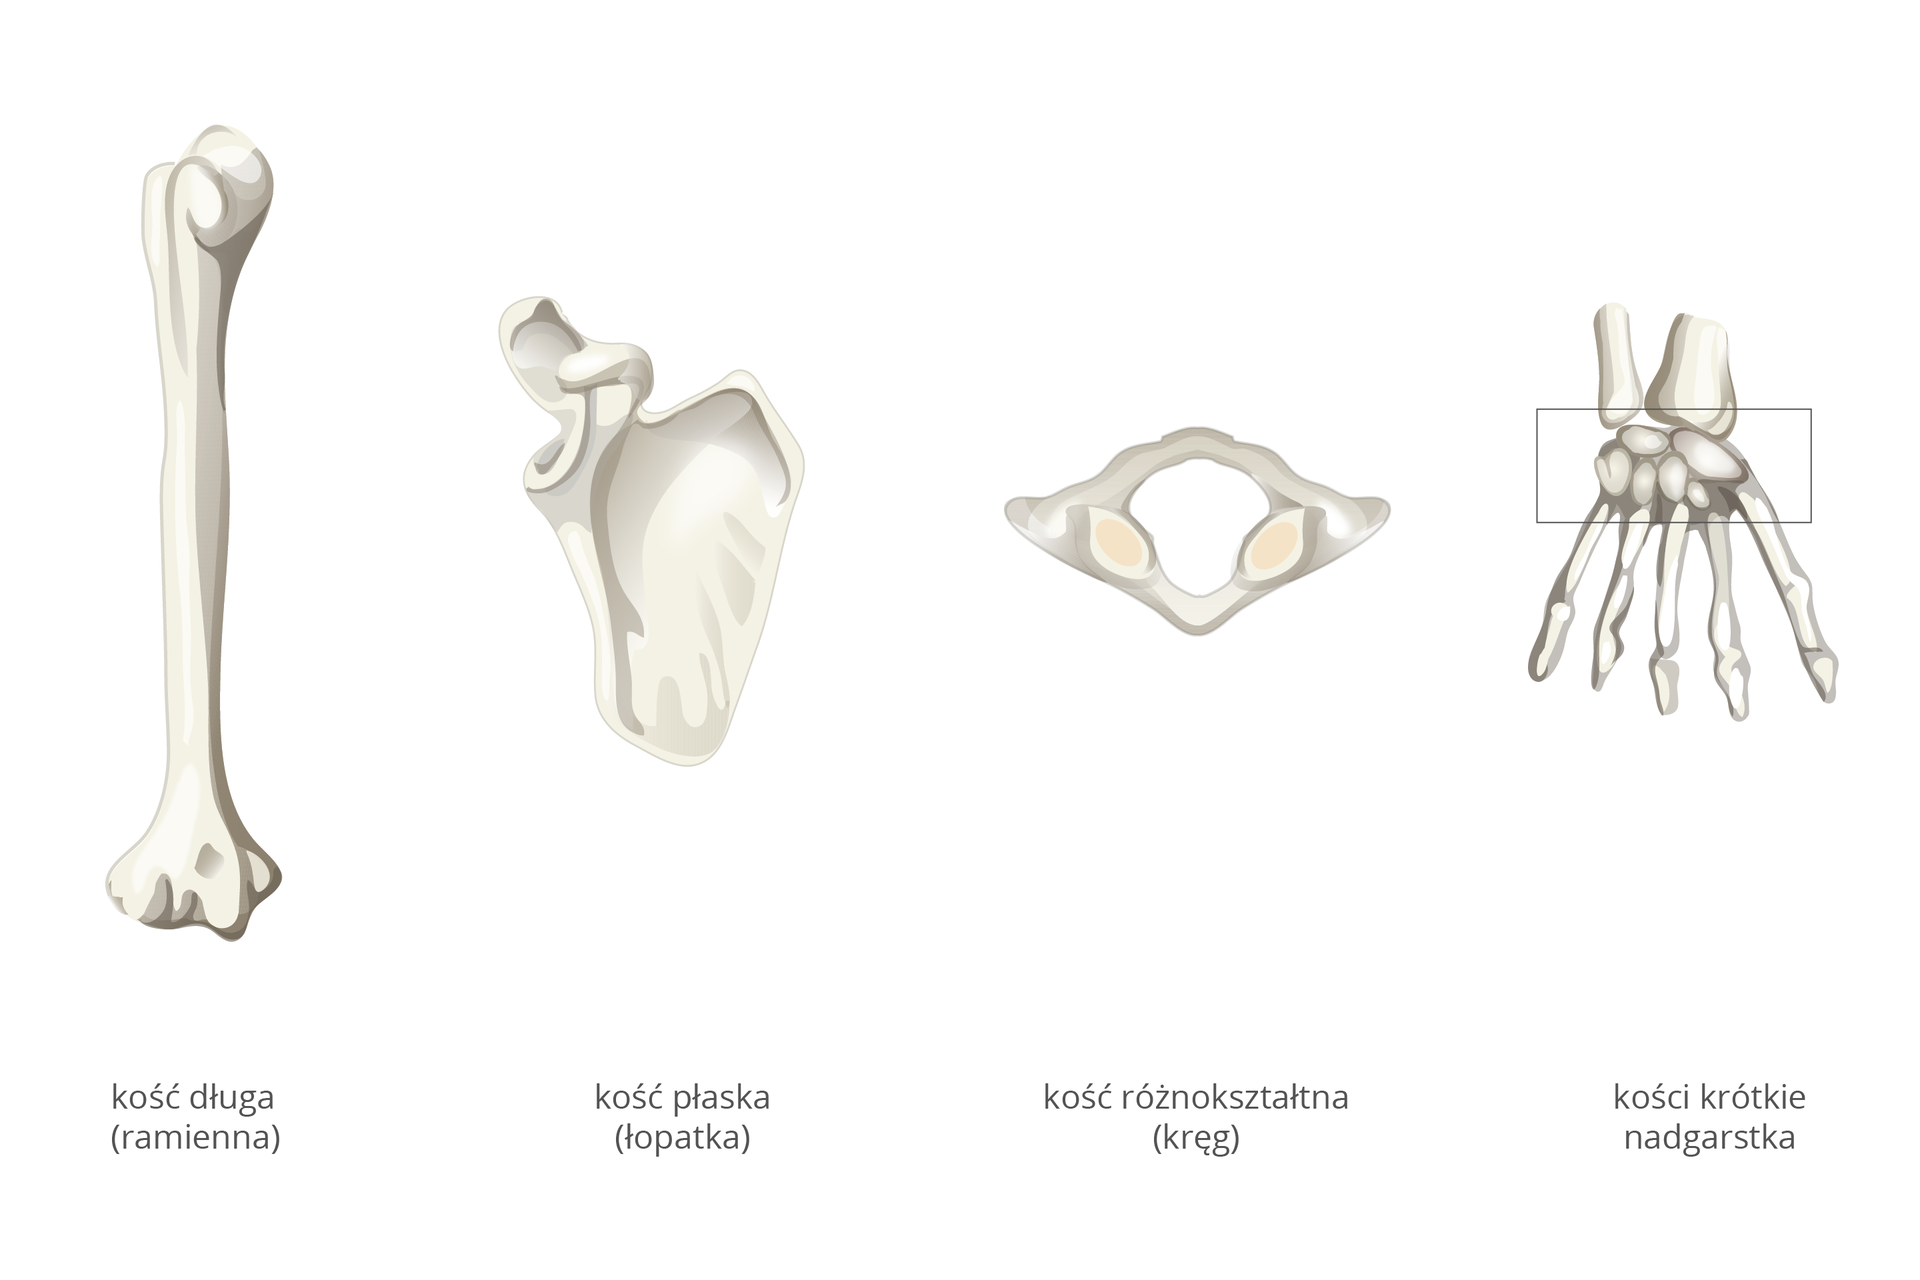 Ilustracja przedstawia cztery elementy szkieletu wkolorze szarym. Wten sposób ukazano różne rodzaje kości. Od lewej pionowo kość długa (tu: ramienna). Ma rurkowaty trzon, azobu stron grubsze nasady. Kolejna kość to kość płaska (tu: łopatka). Jest szeroka ispłaszczona, azlewej ma grube wyrostki. Obok kość różnokształtna wformie rombu zotworem wśrodku. To jeden zkręgów. Po prawej kości ręki idłoni. Ramka wskazuje nadgarstek, awnim czworokątne kości krótkie.